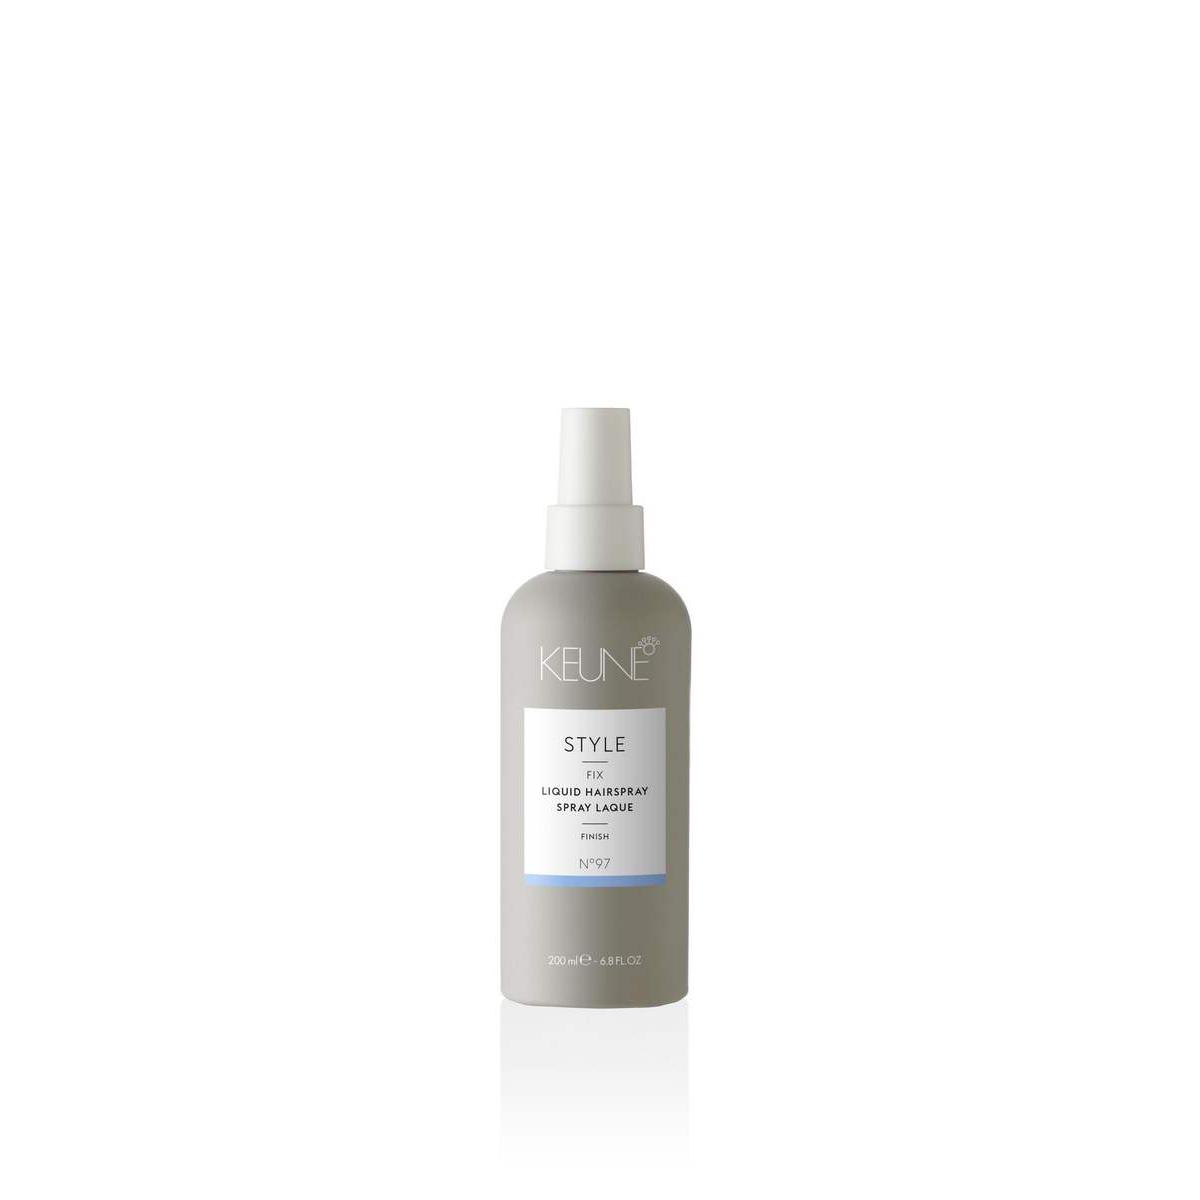 Style - Liquid Hair Spray 200ml